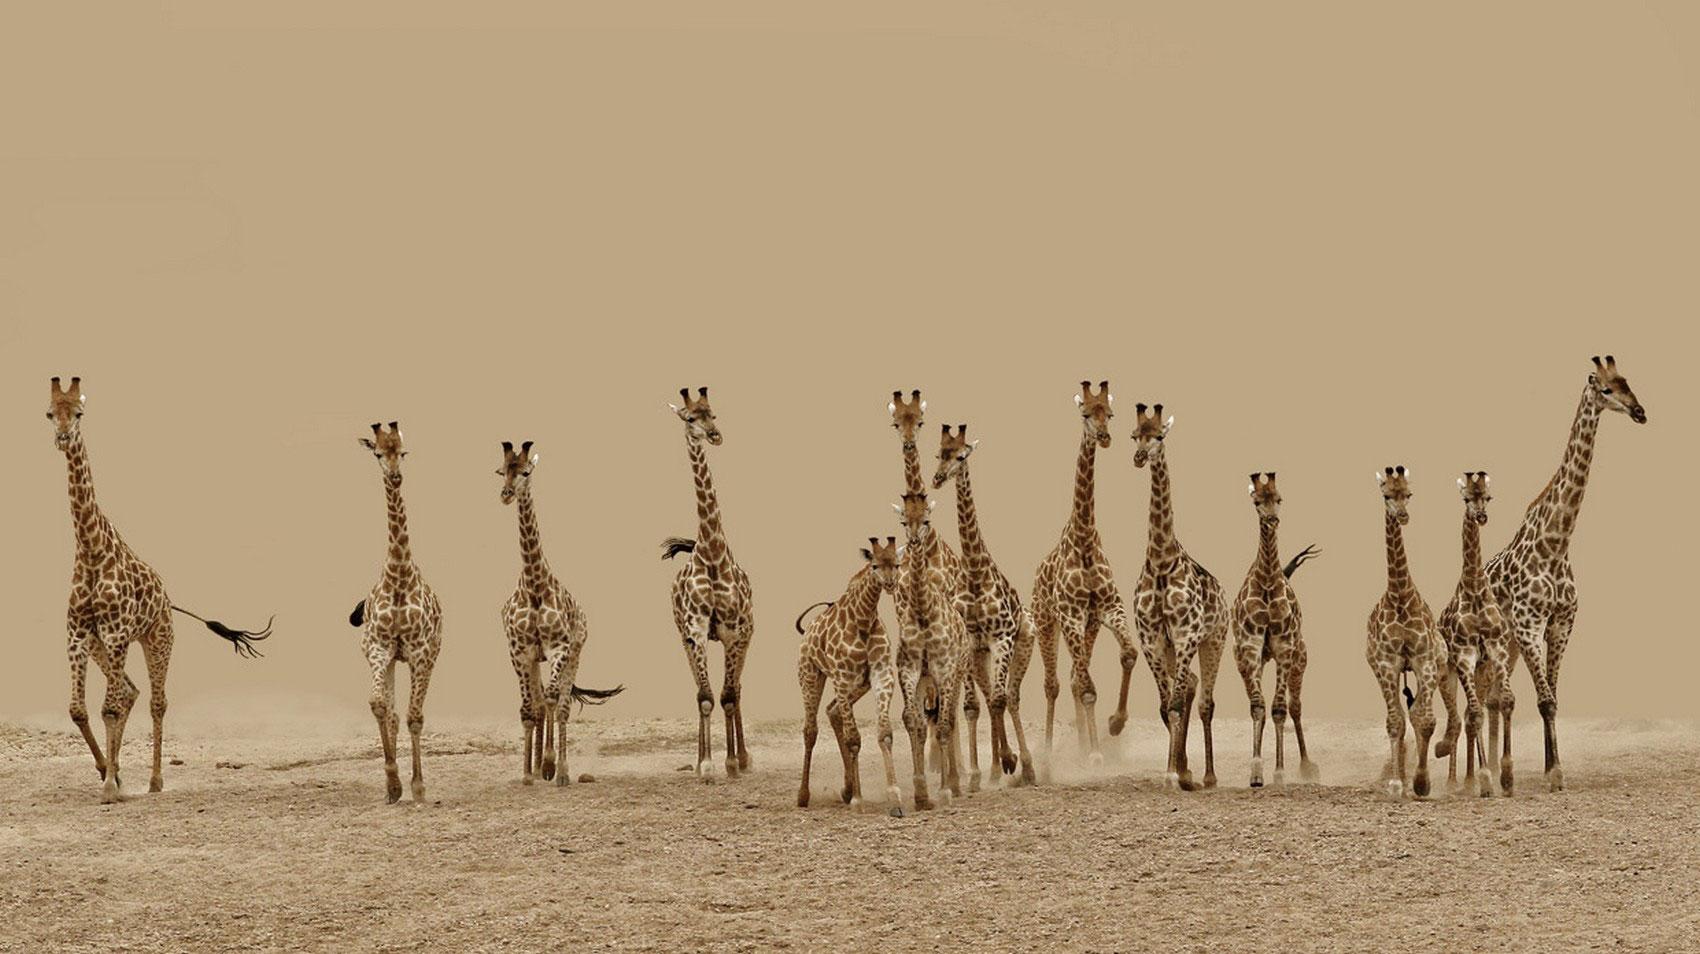 стадо жирафов, фотоконкурс